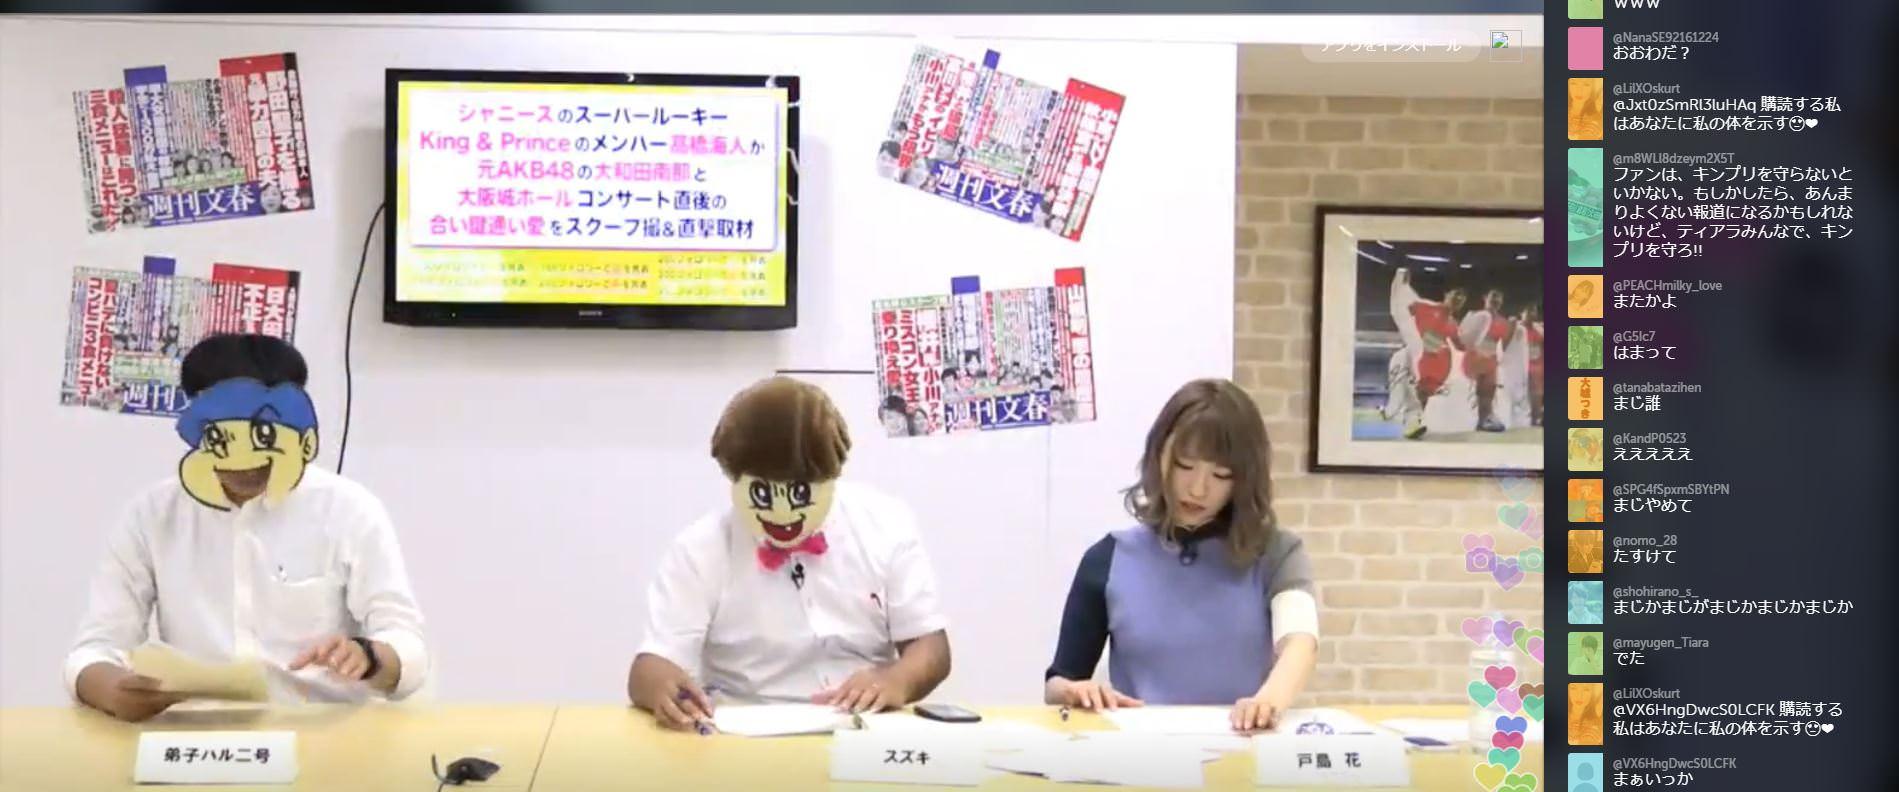 【文春砲】キンプリ高橋海斗と元AKB48大和田南那の合鍵通い合い…→AKBヲタの反応